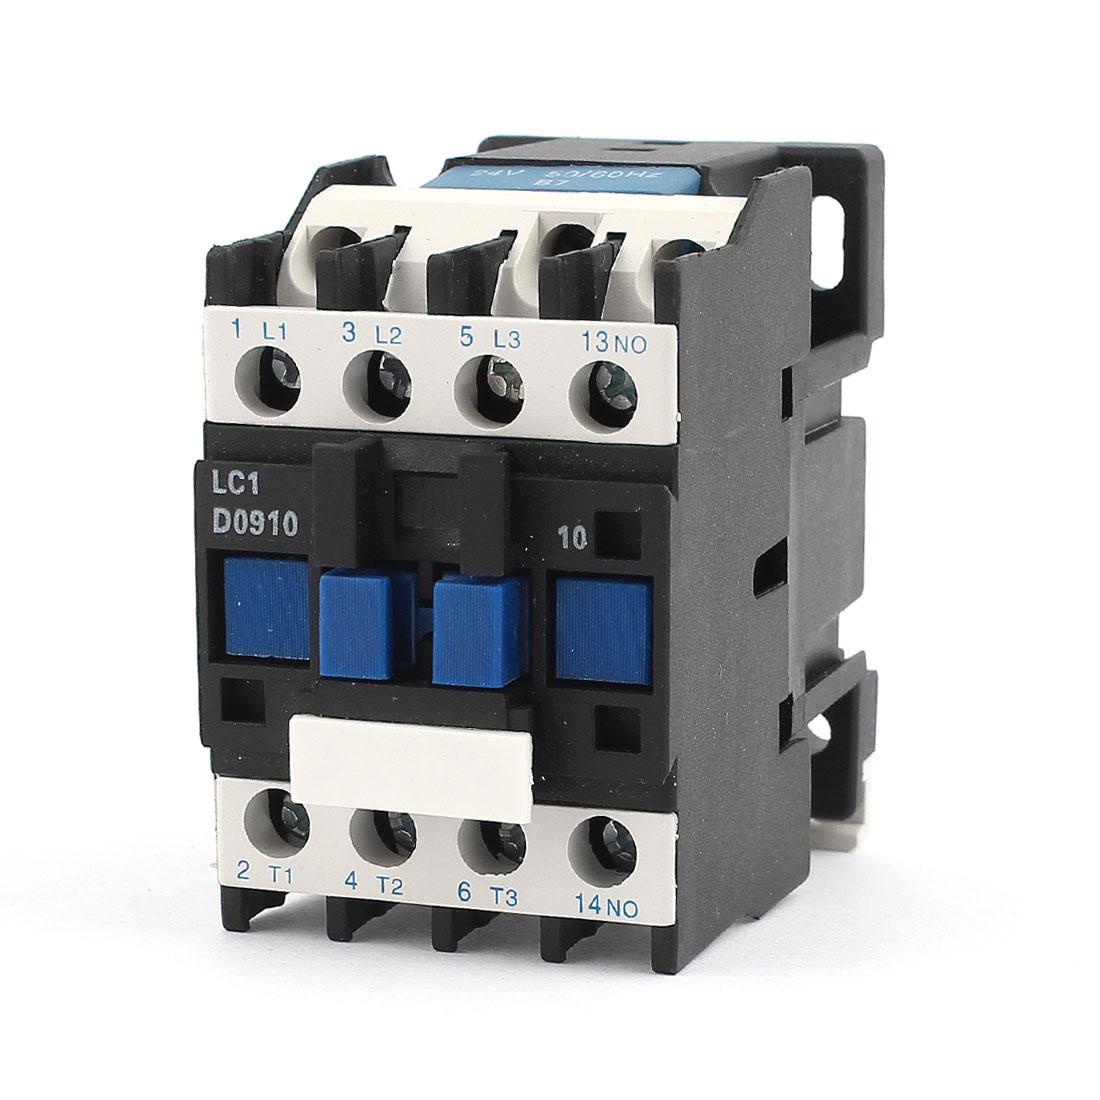 LC1-D0910 24V Coil 3 Poles 1NO Motor Controler AC Contactor